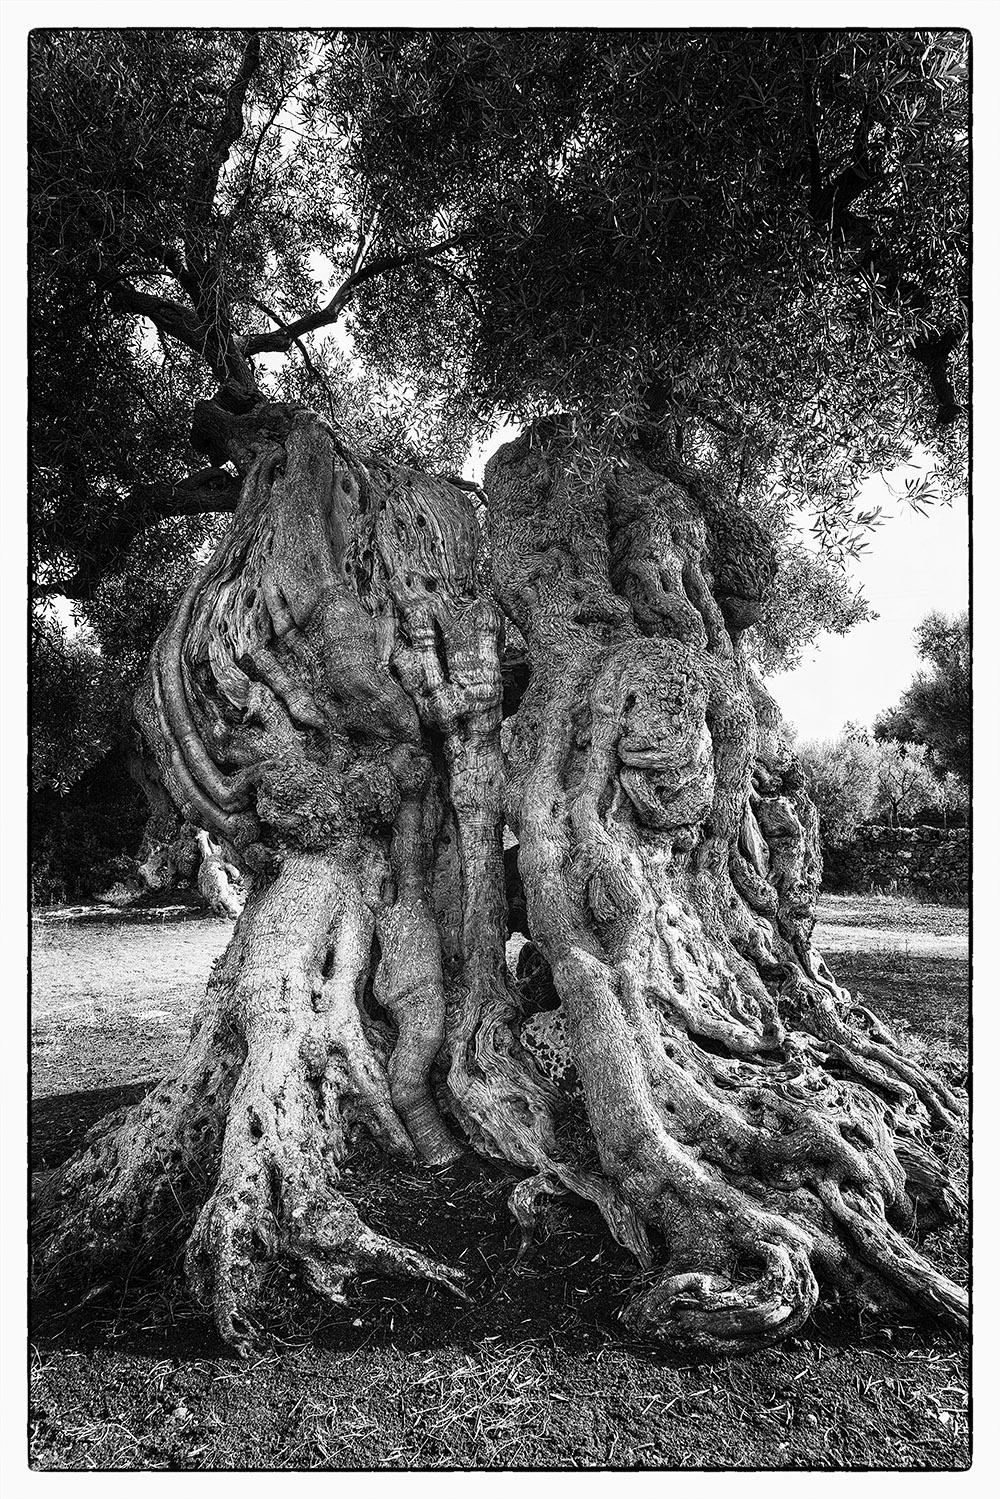 Naturfotografie - jahrhunderte alte Olivenbäume